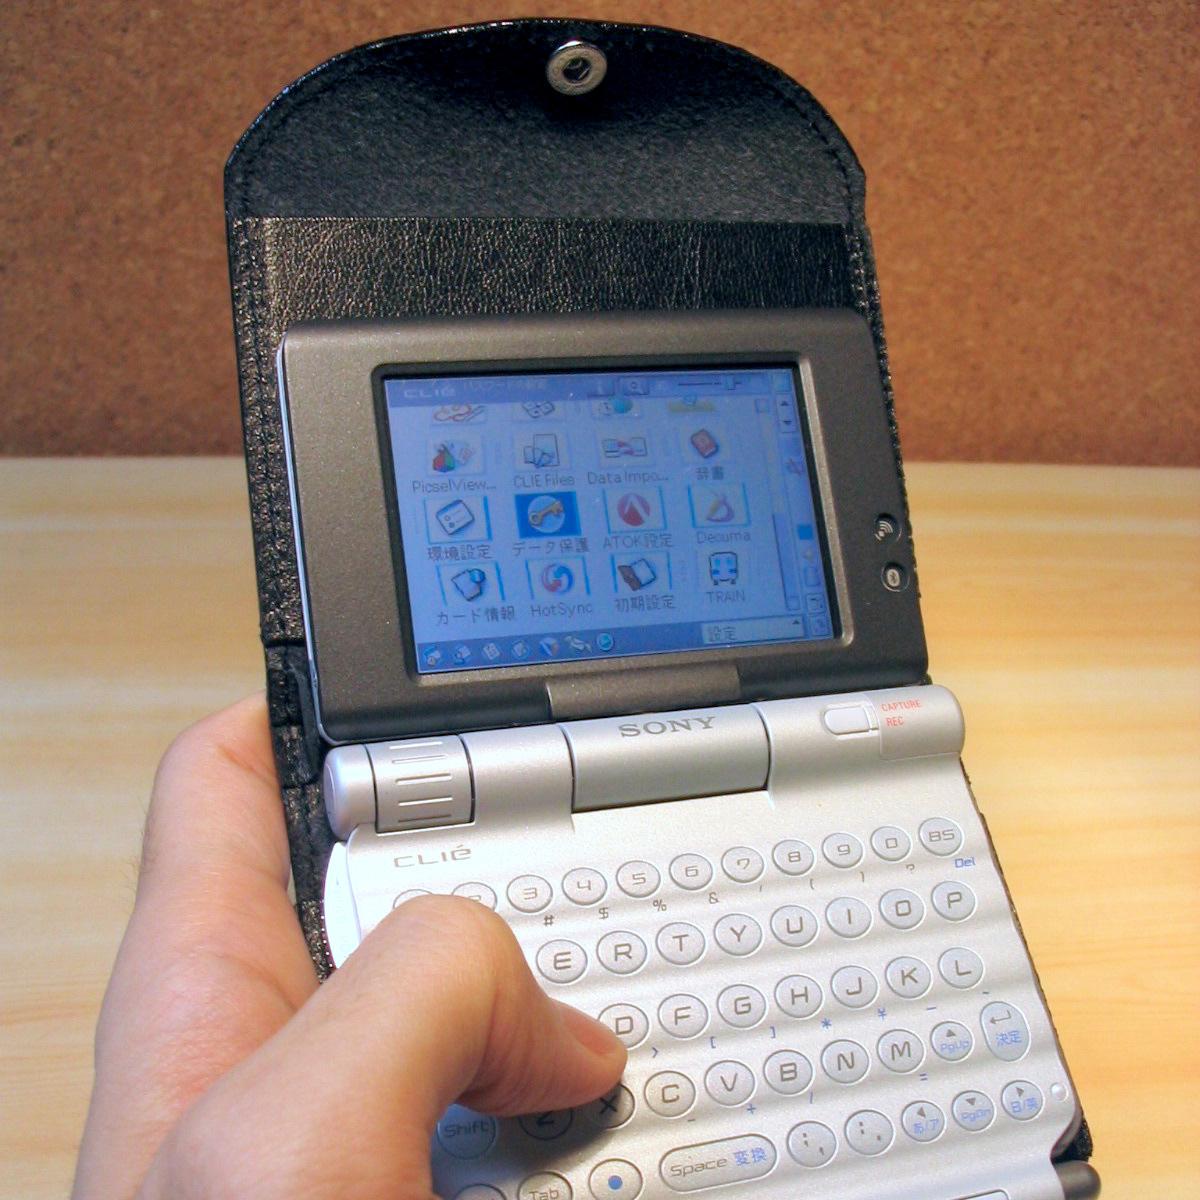 なぜ、「丑や」の本革PDAケースは人気だったのか? スマホになくてPDAにあった情熱とは